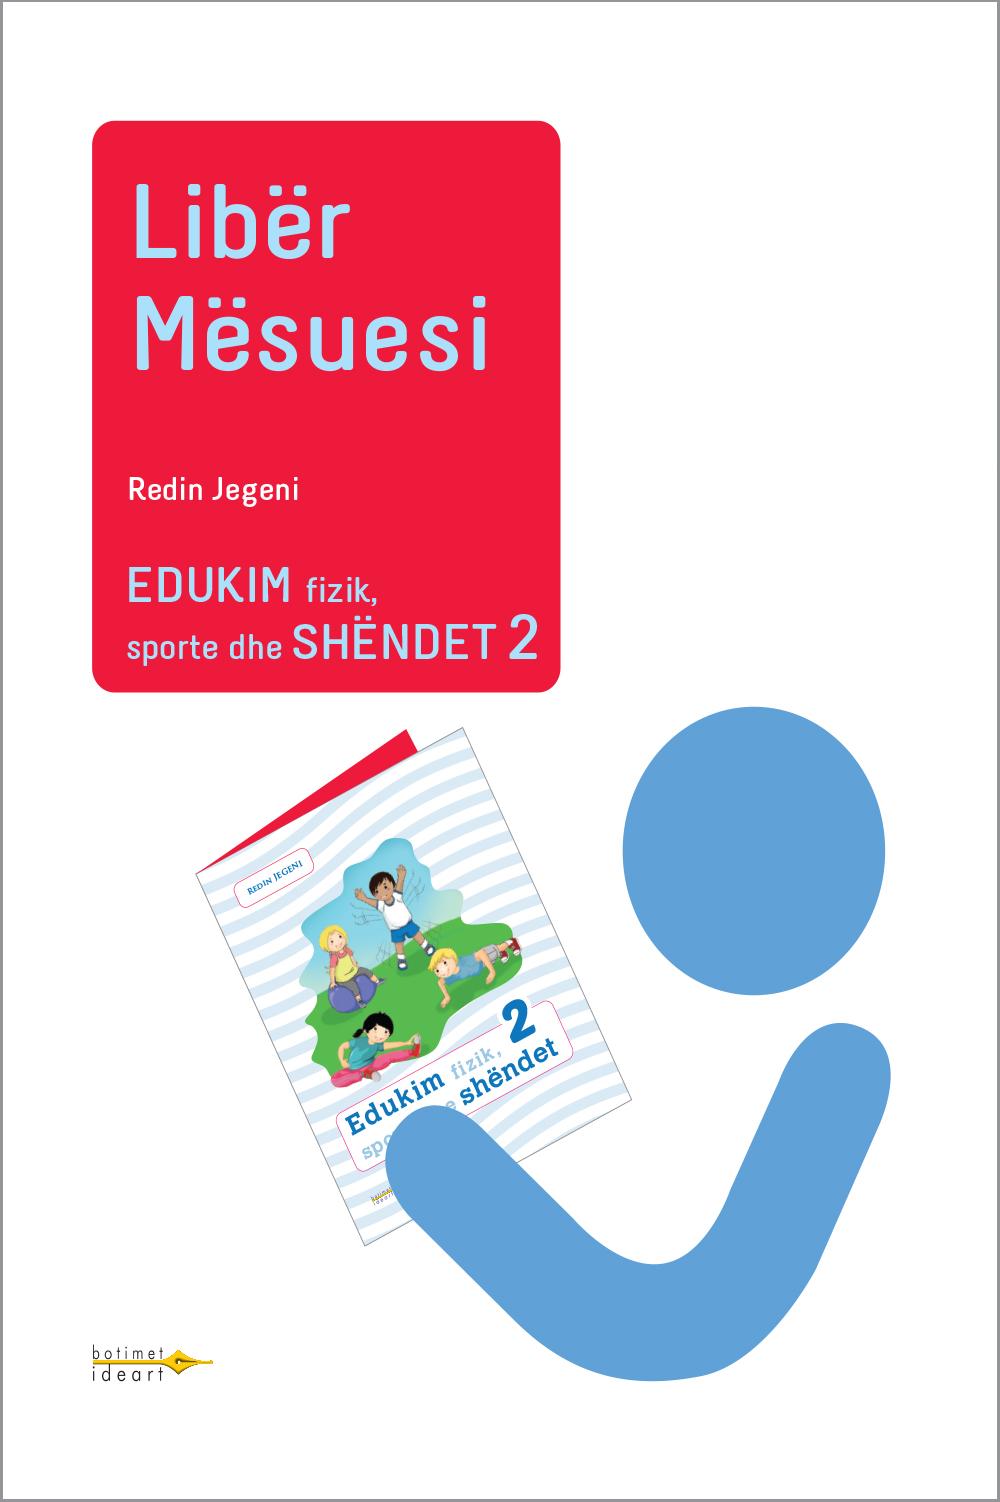 Edukim fizik, sporte dhe shëndet 2<br>Libër Mësuesi